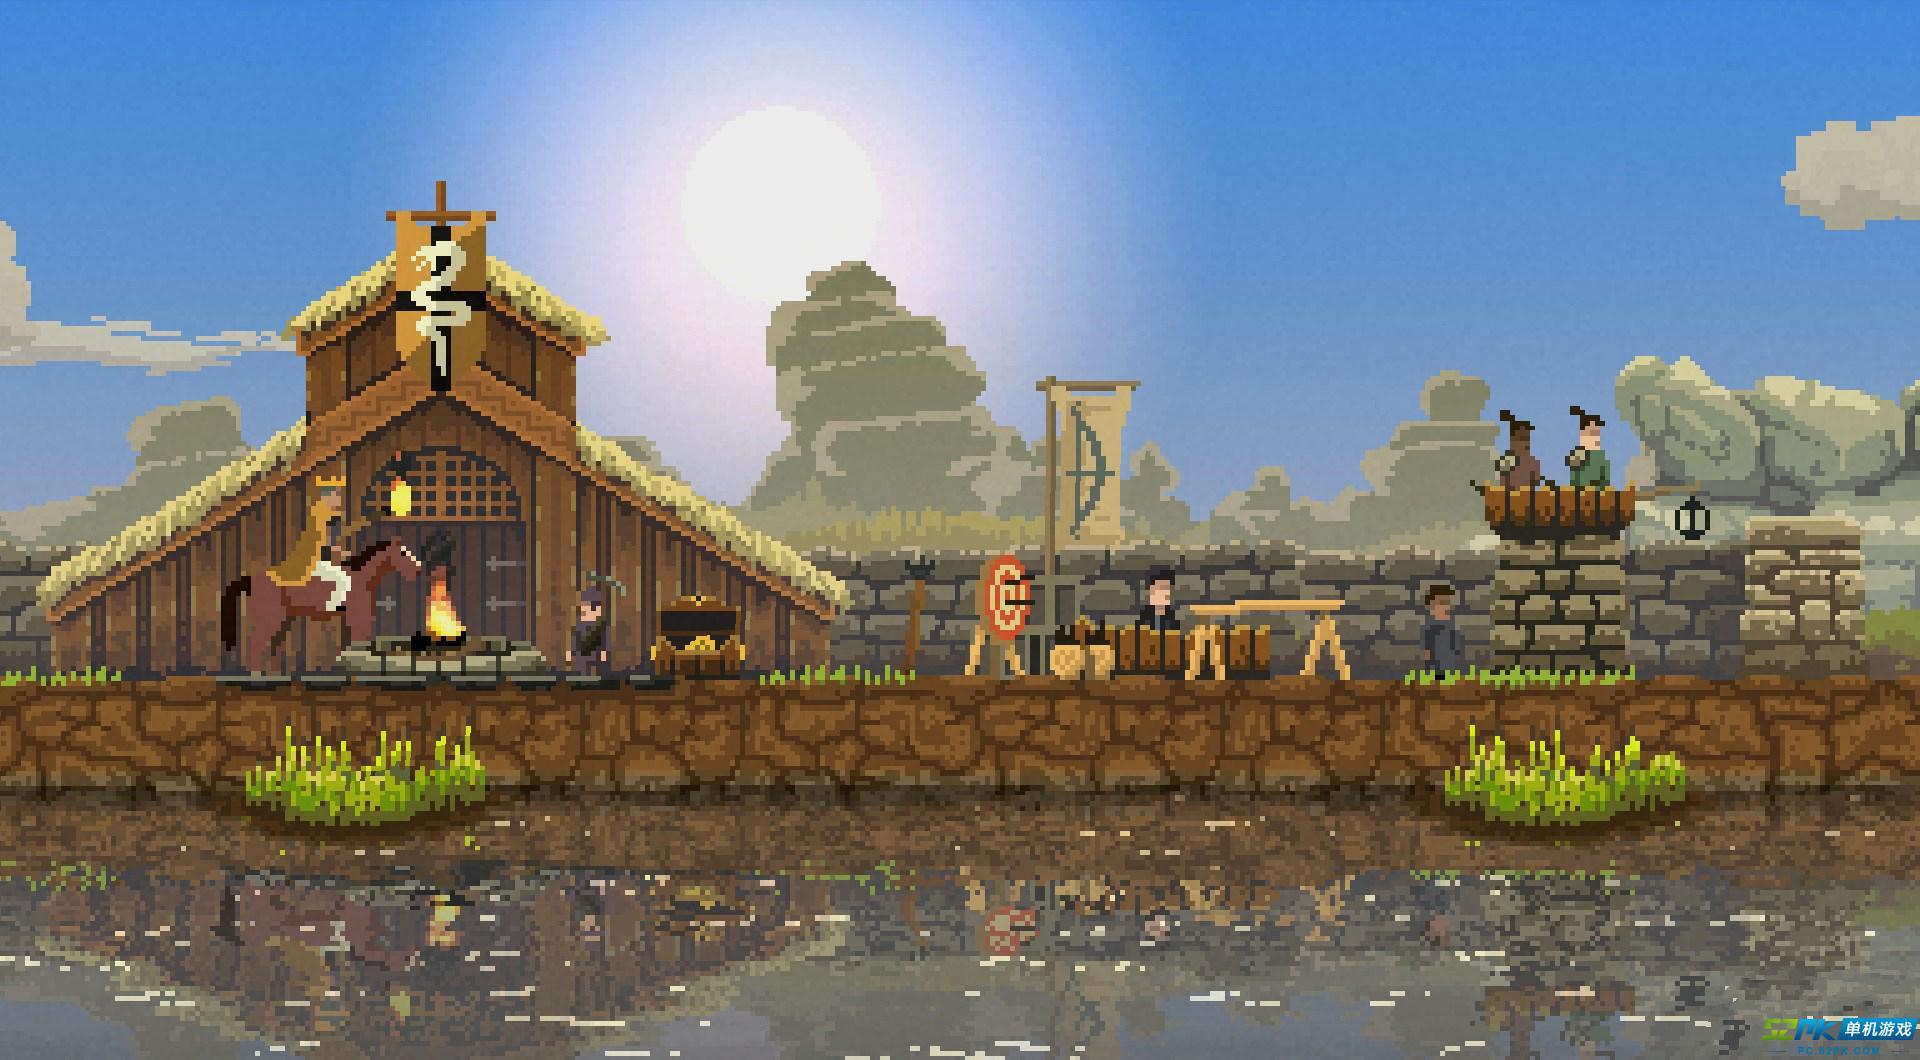 像素风模拟经营游戏王国将登陆微软XBOXONE平台